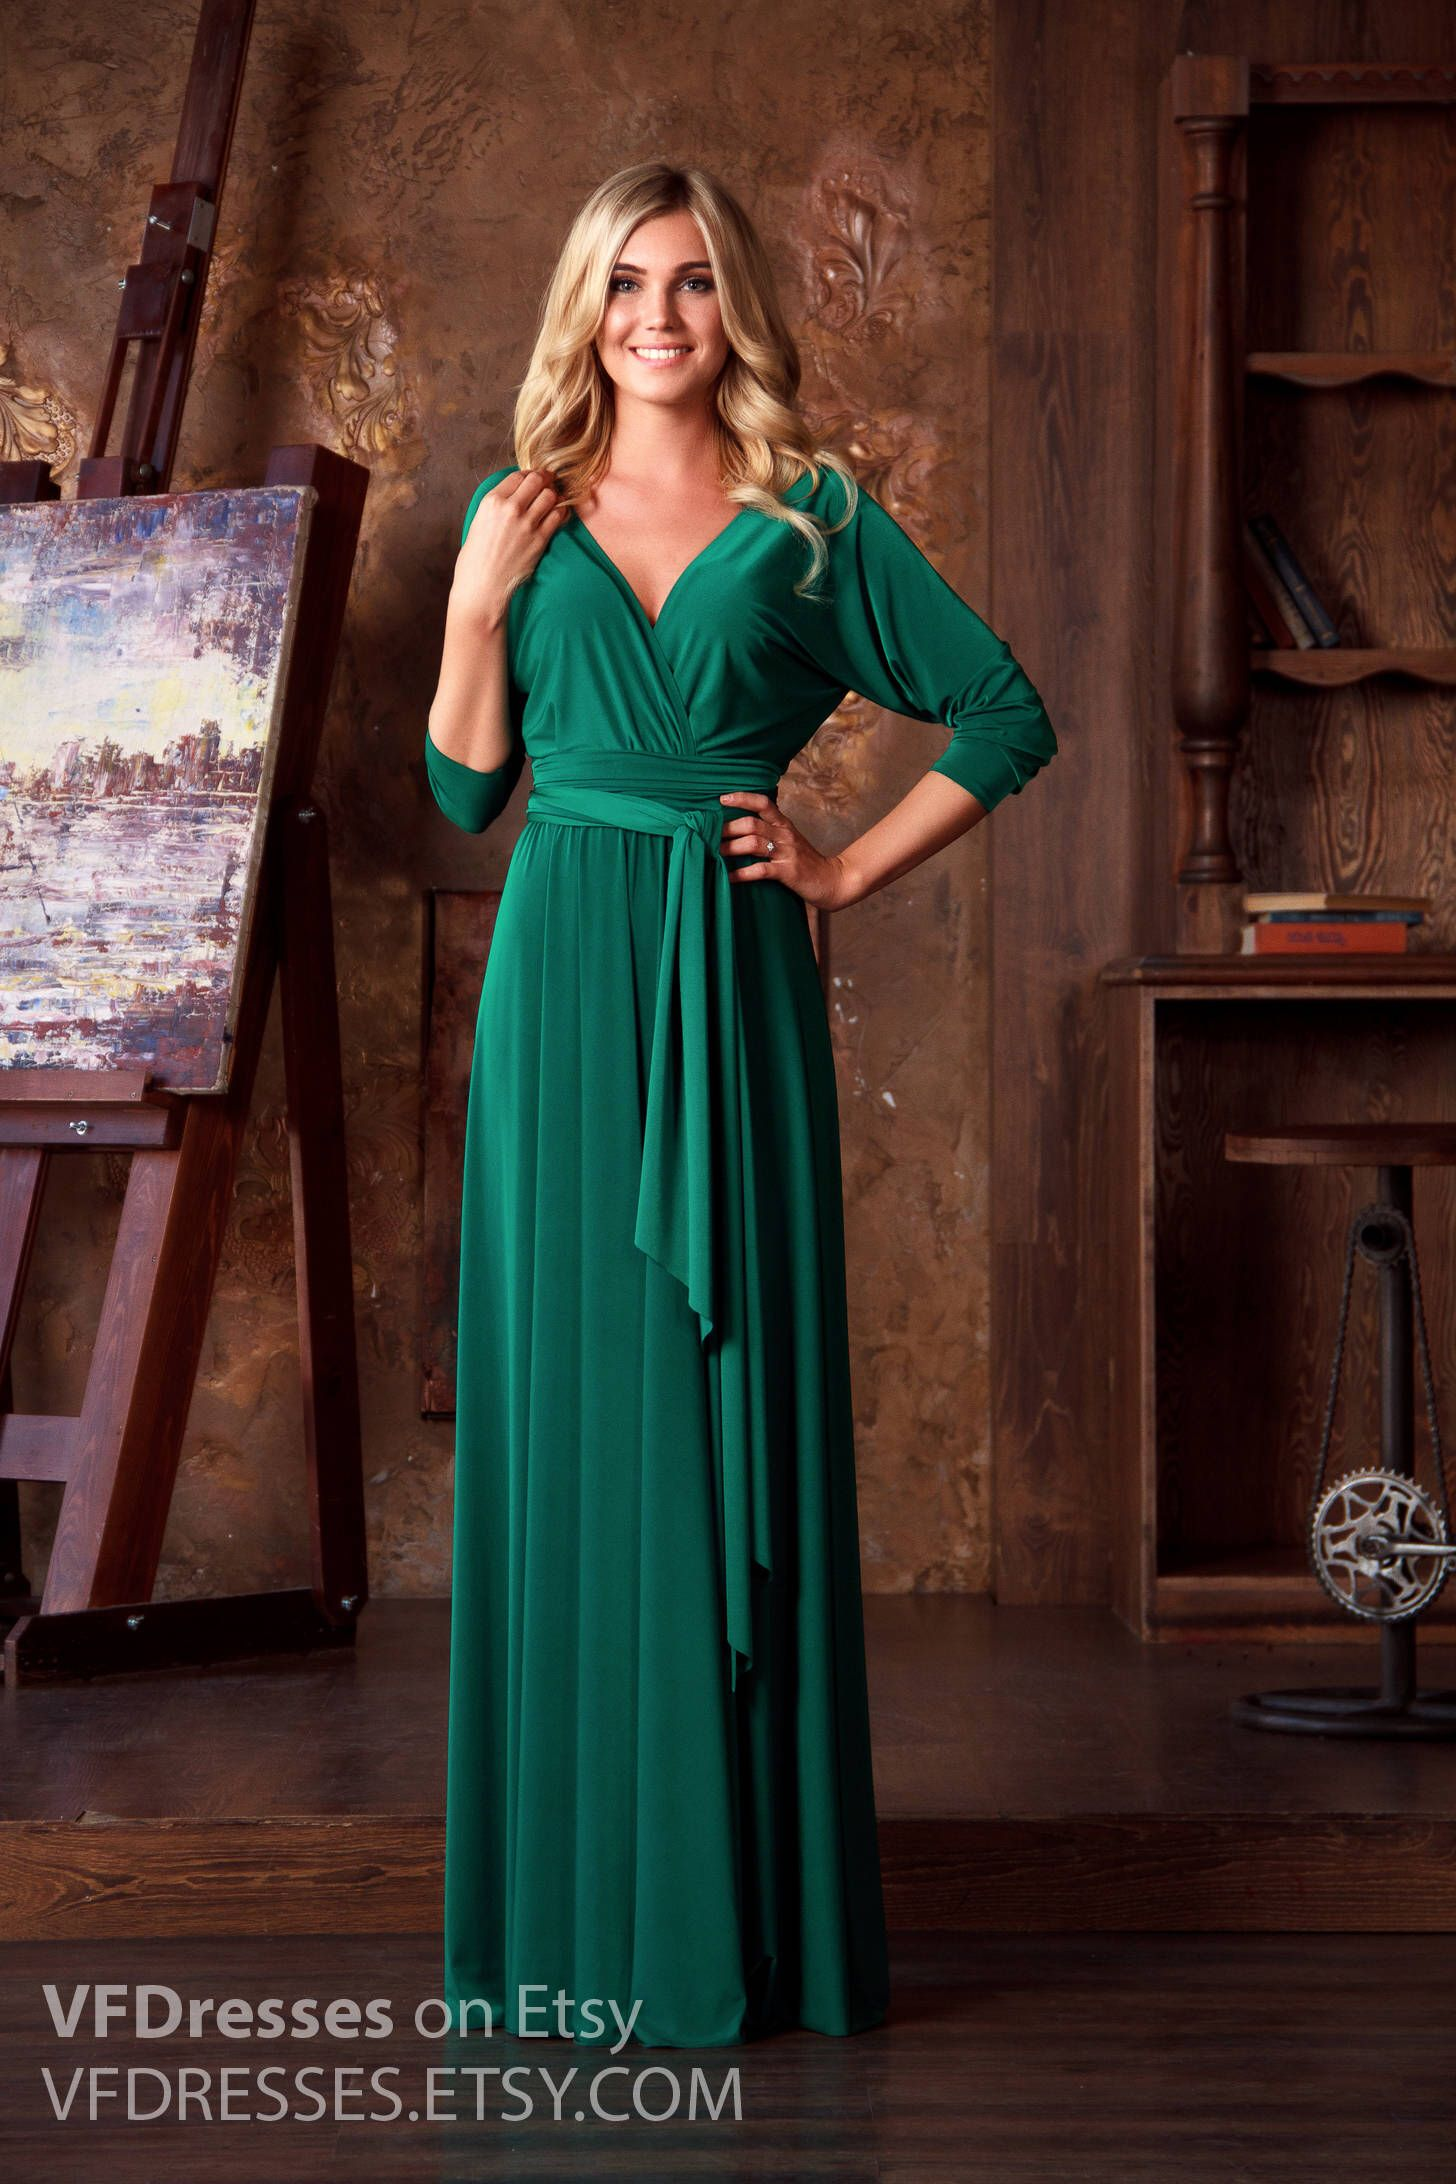 Emerald Green Maxi Dress Formal Evening Dress Long Evening Dress Bat Sleeves Bridesmaids Dress Evening Gowns Special Occasion Dress In 2021 Maxi Dress Green Maxi Dress Formal Evening Dresses Long [ 2184 x 1456 Pixel ]